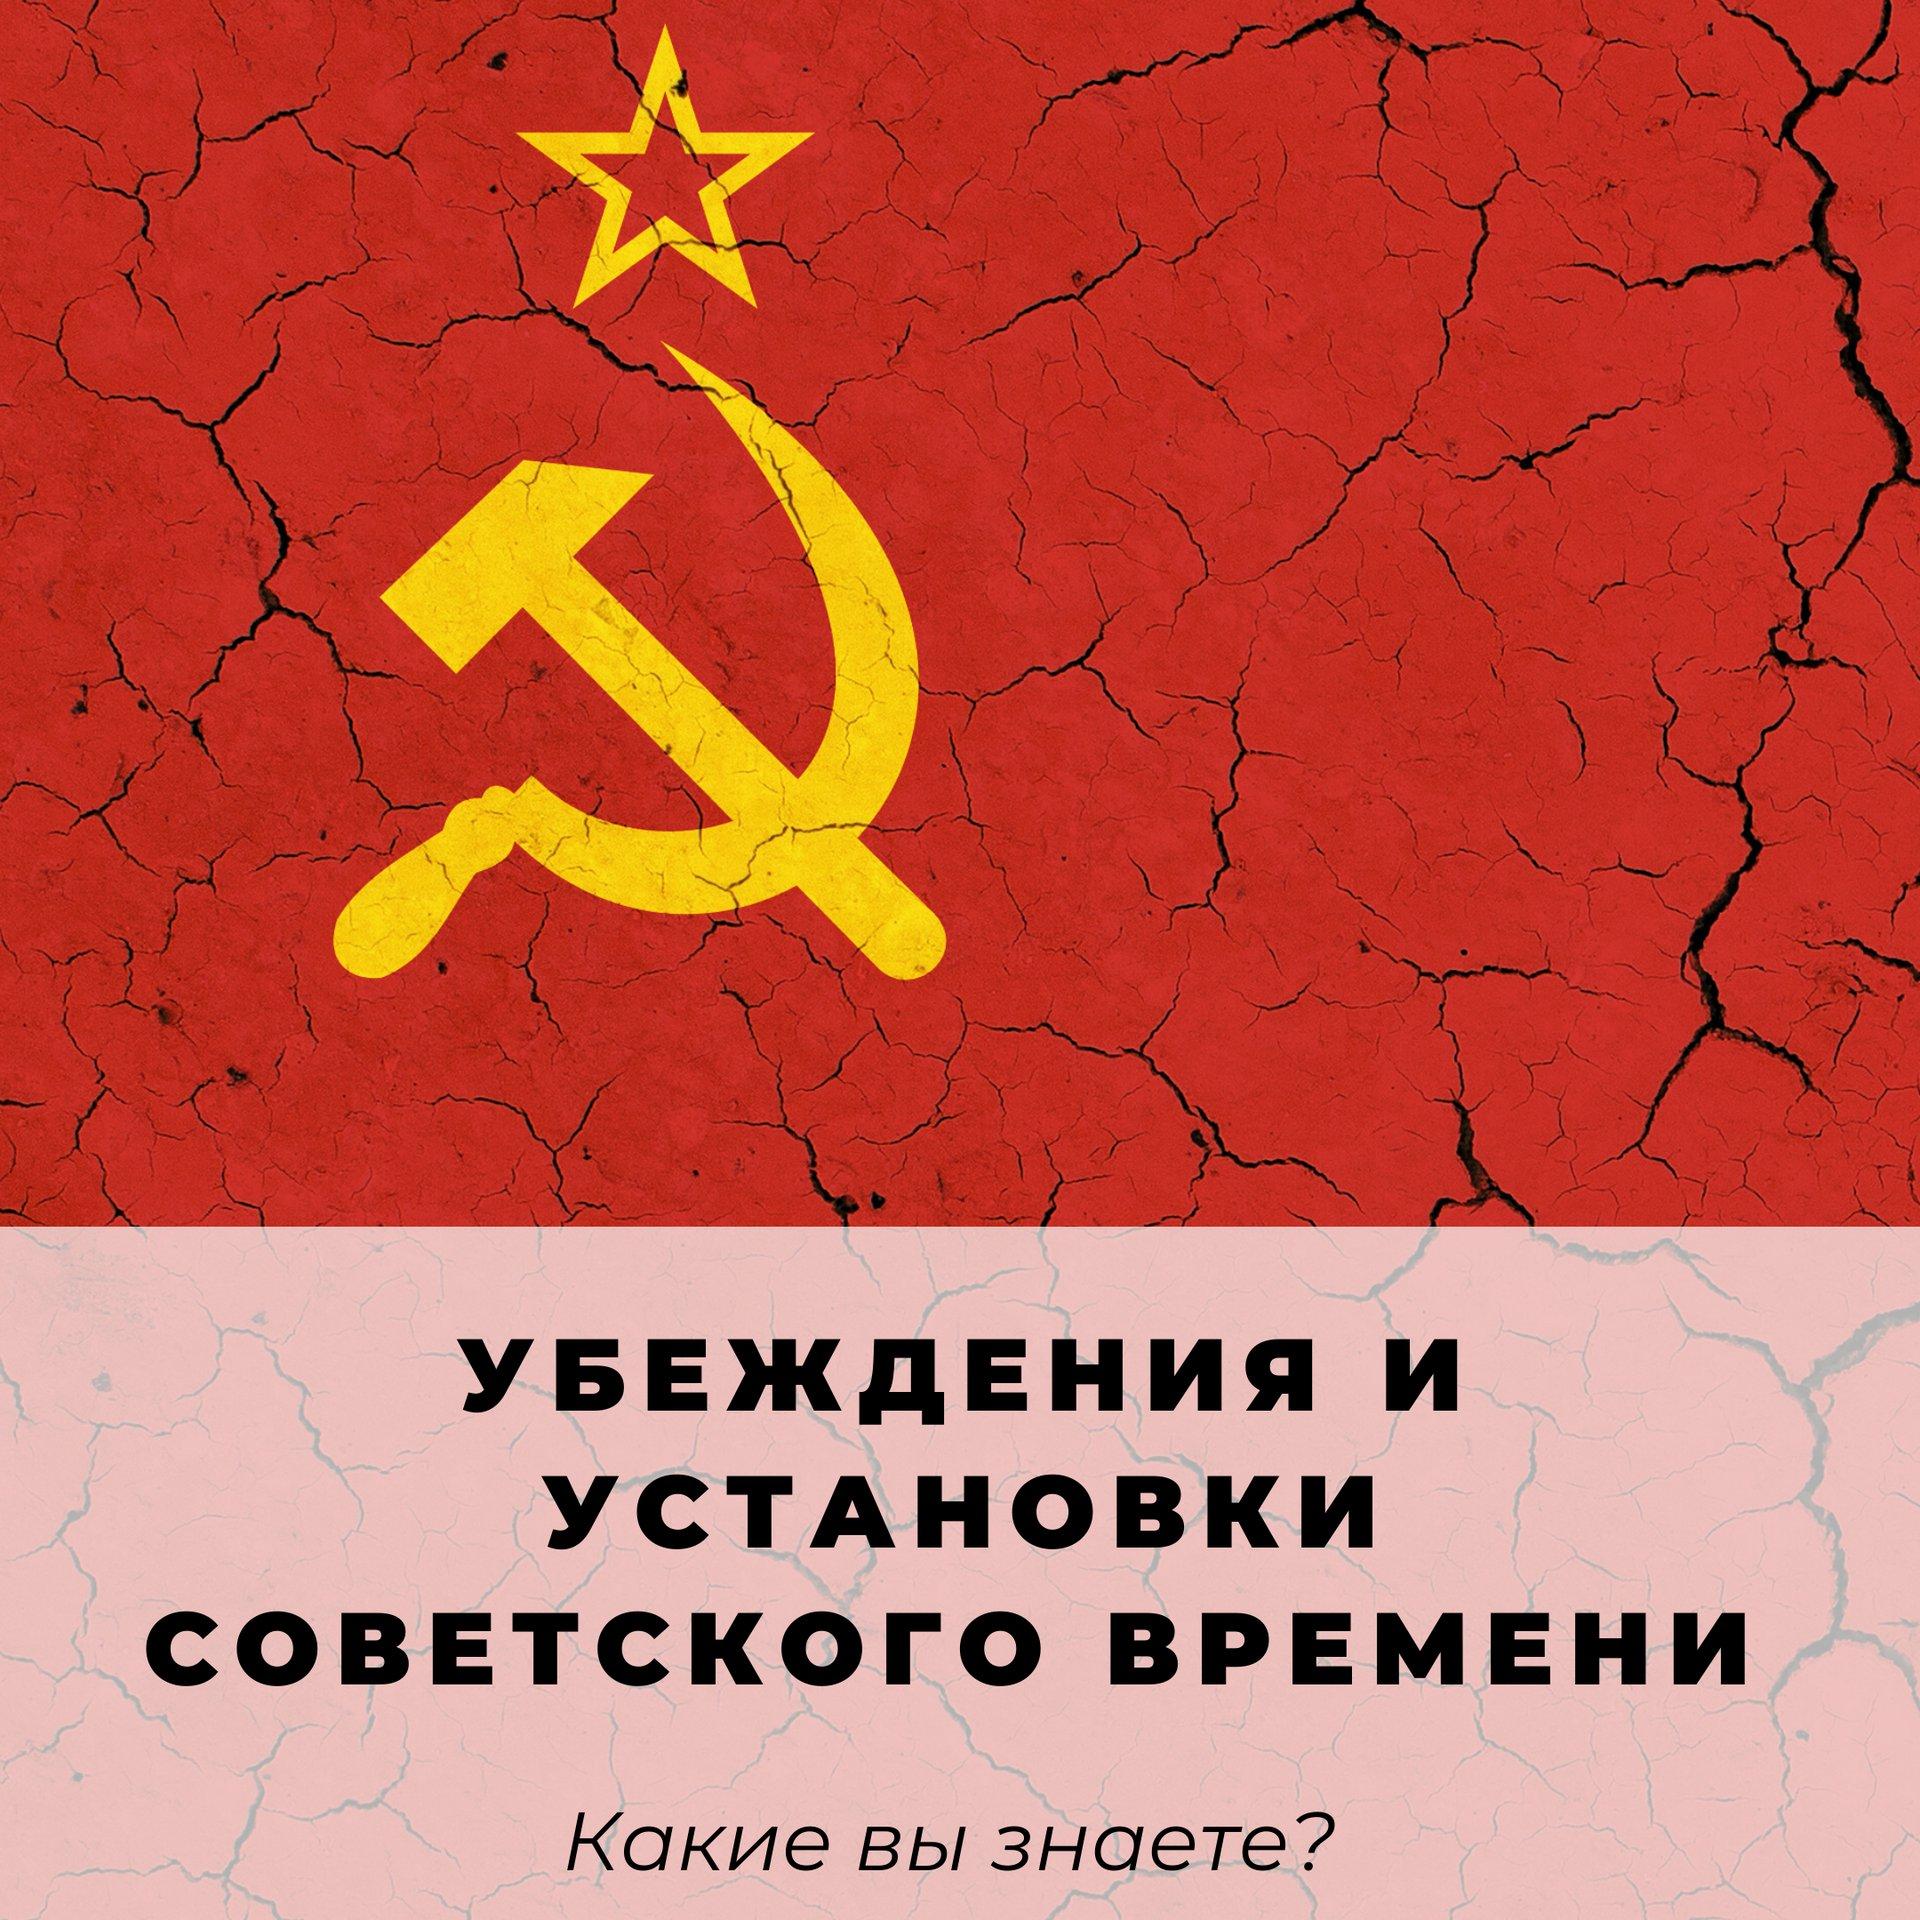 Убеждения и установки Советского времени